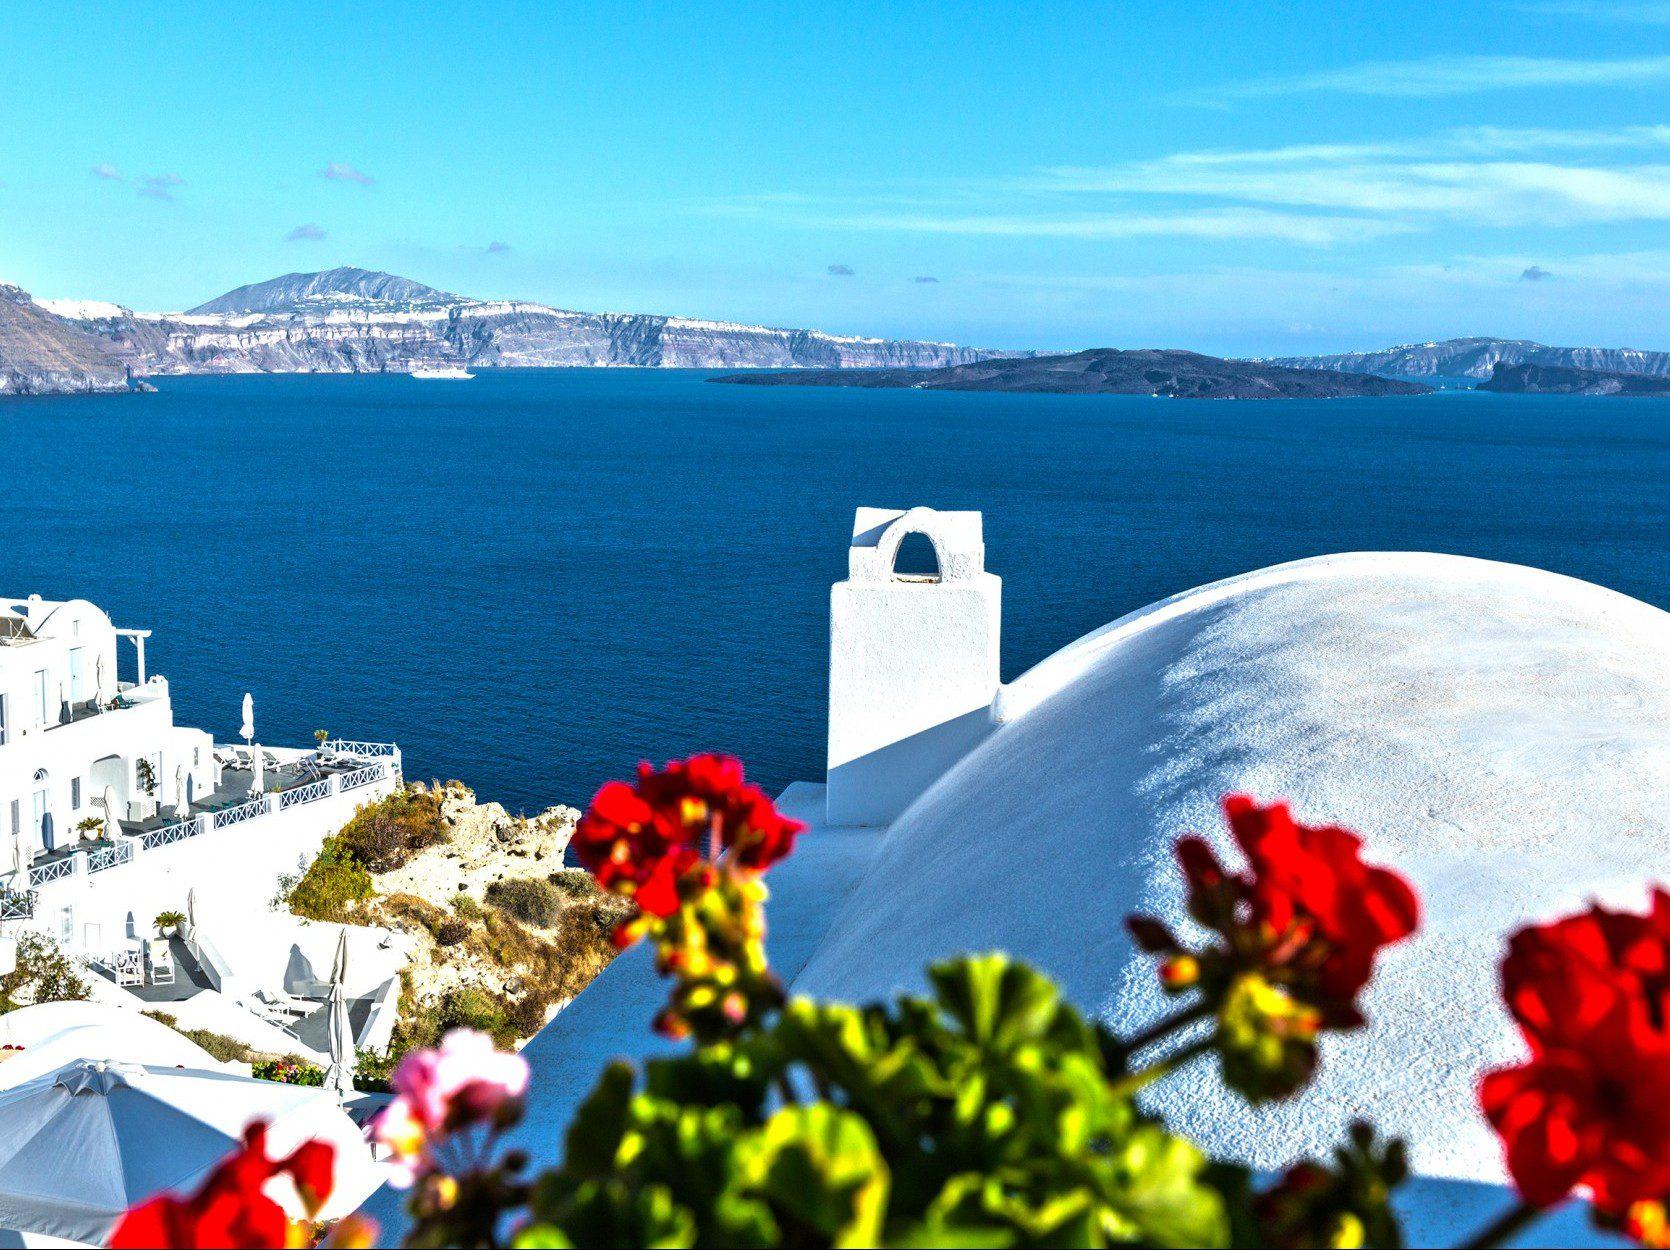 crociera isole greche giugno 2016 - 5 isole